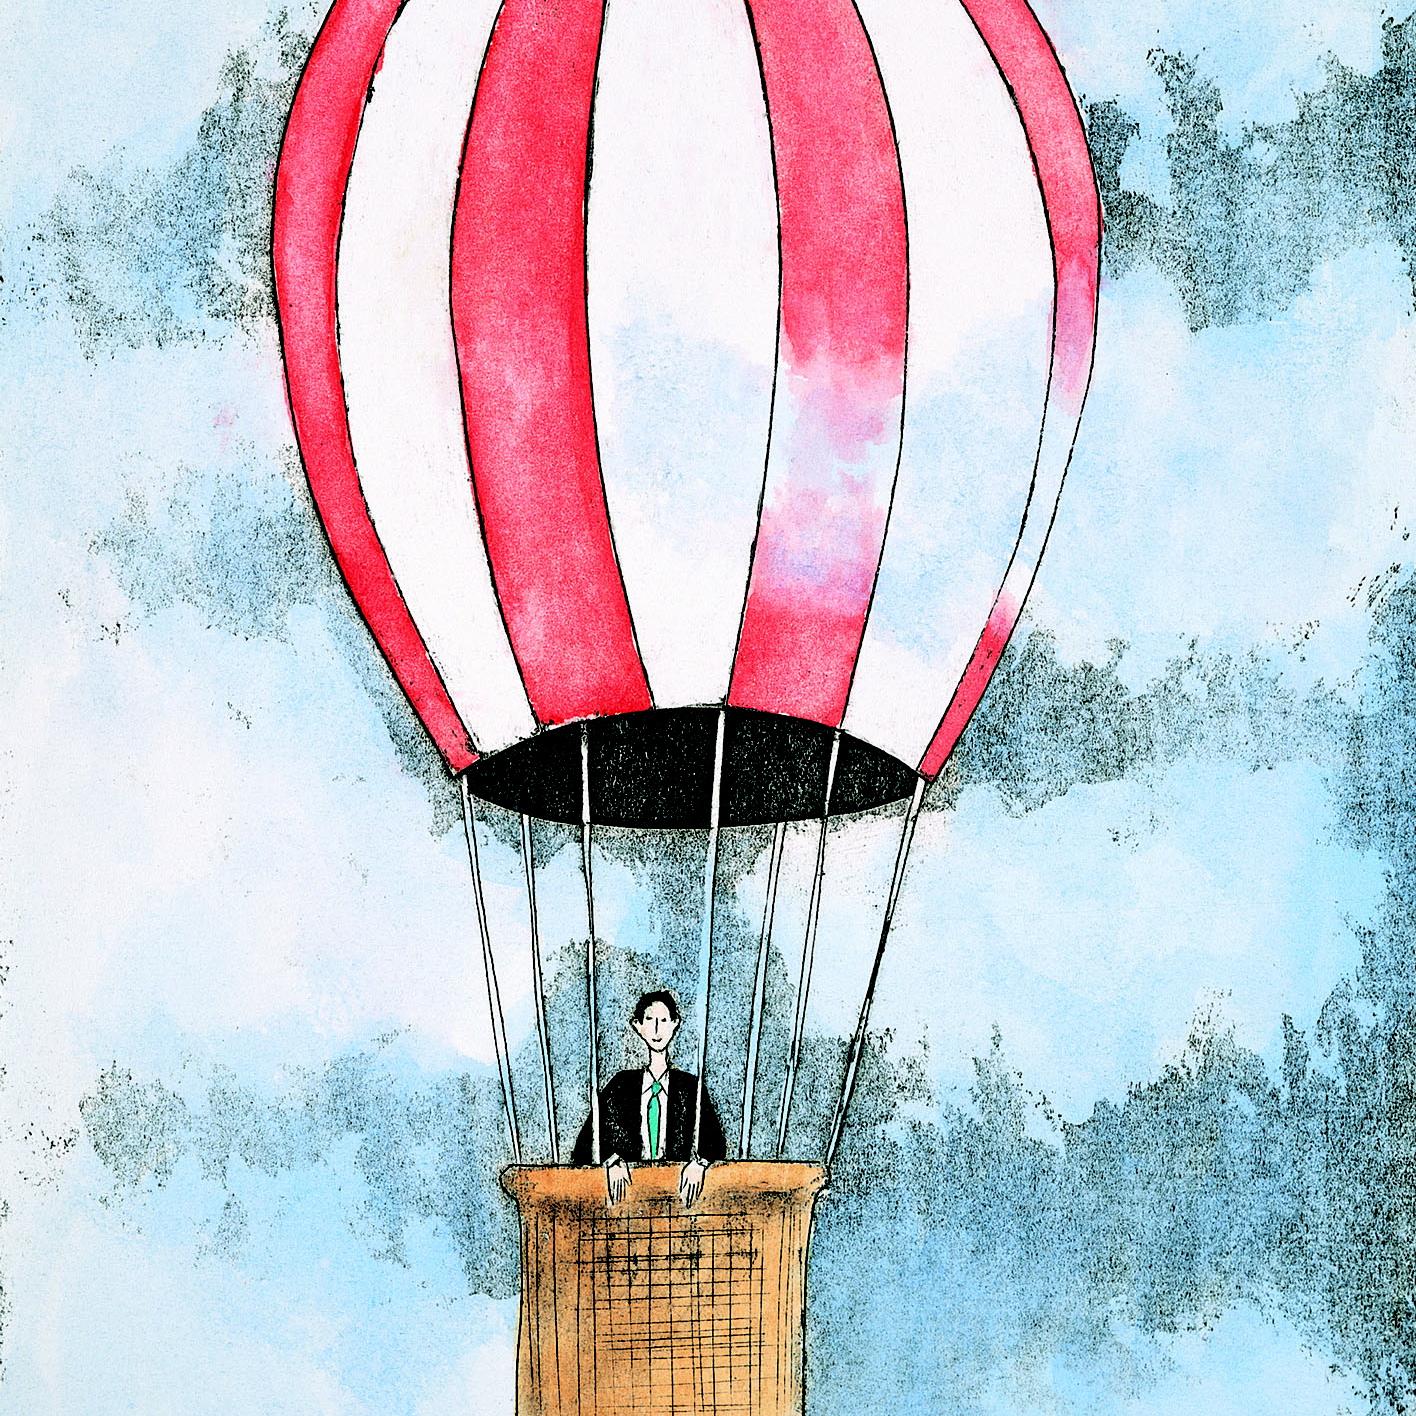 Een persoon in een luchtballon als een metafoor voor iemand met visie